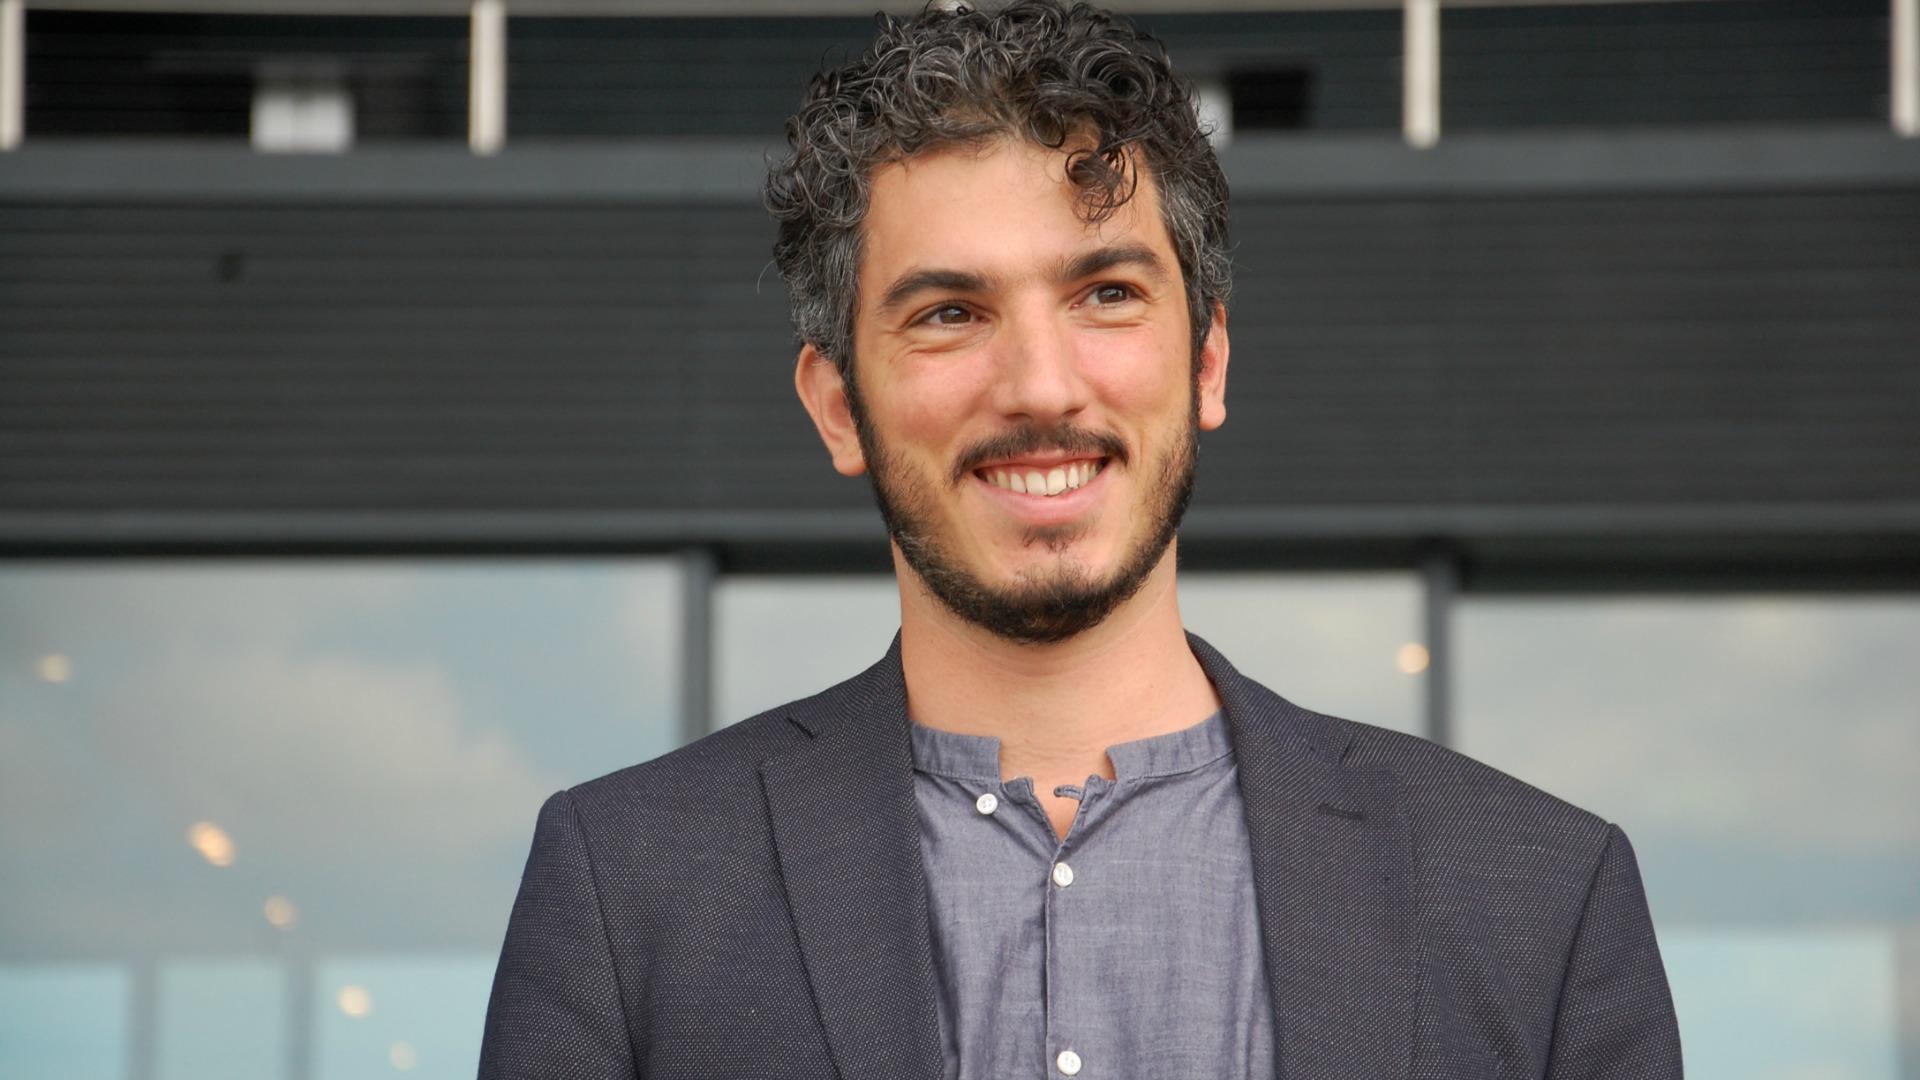 Ο δημοσιογράφος Gabriele del Grande σε απεργία πείνας στην Τουρκία